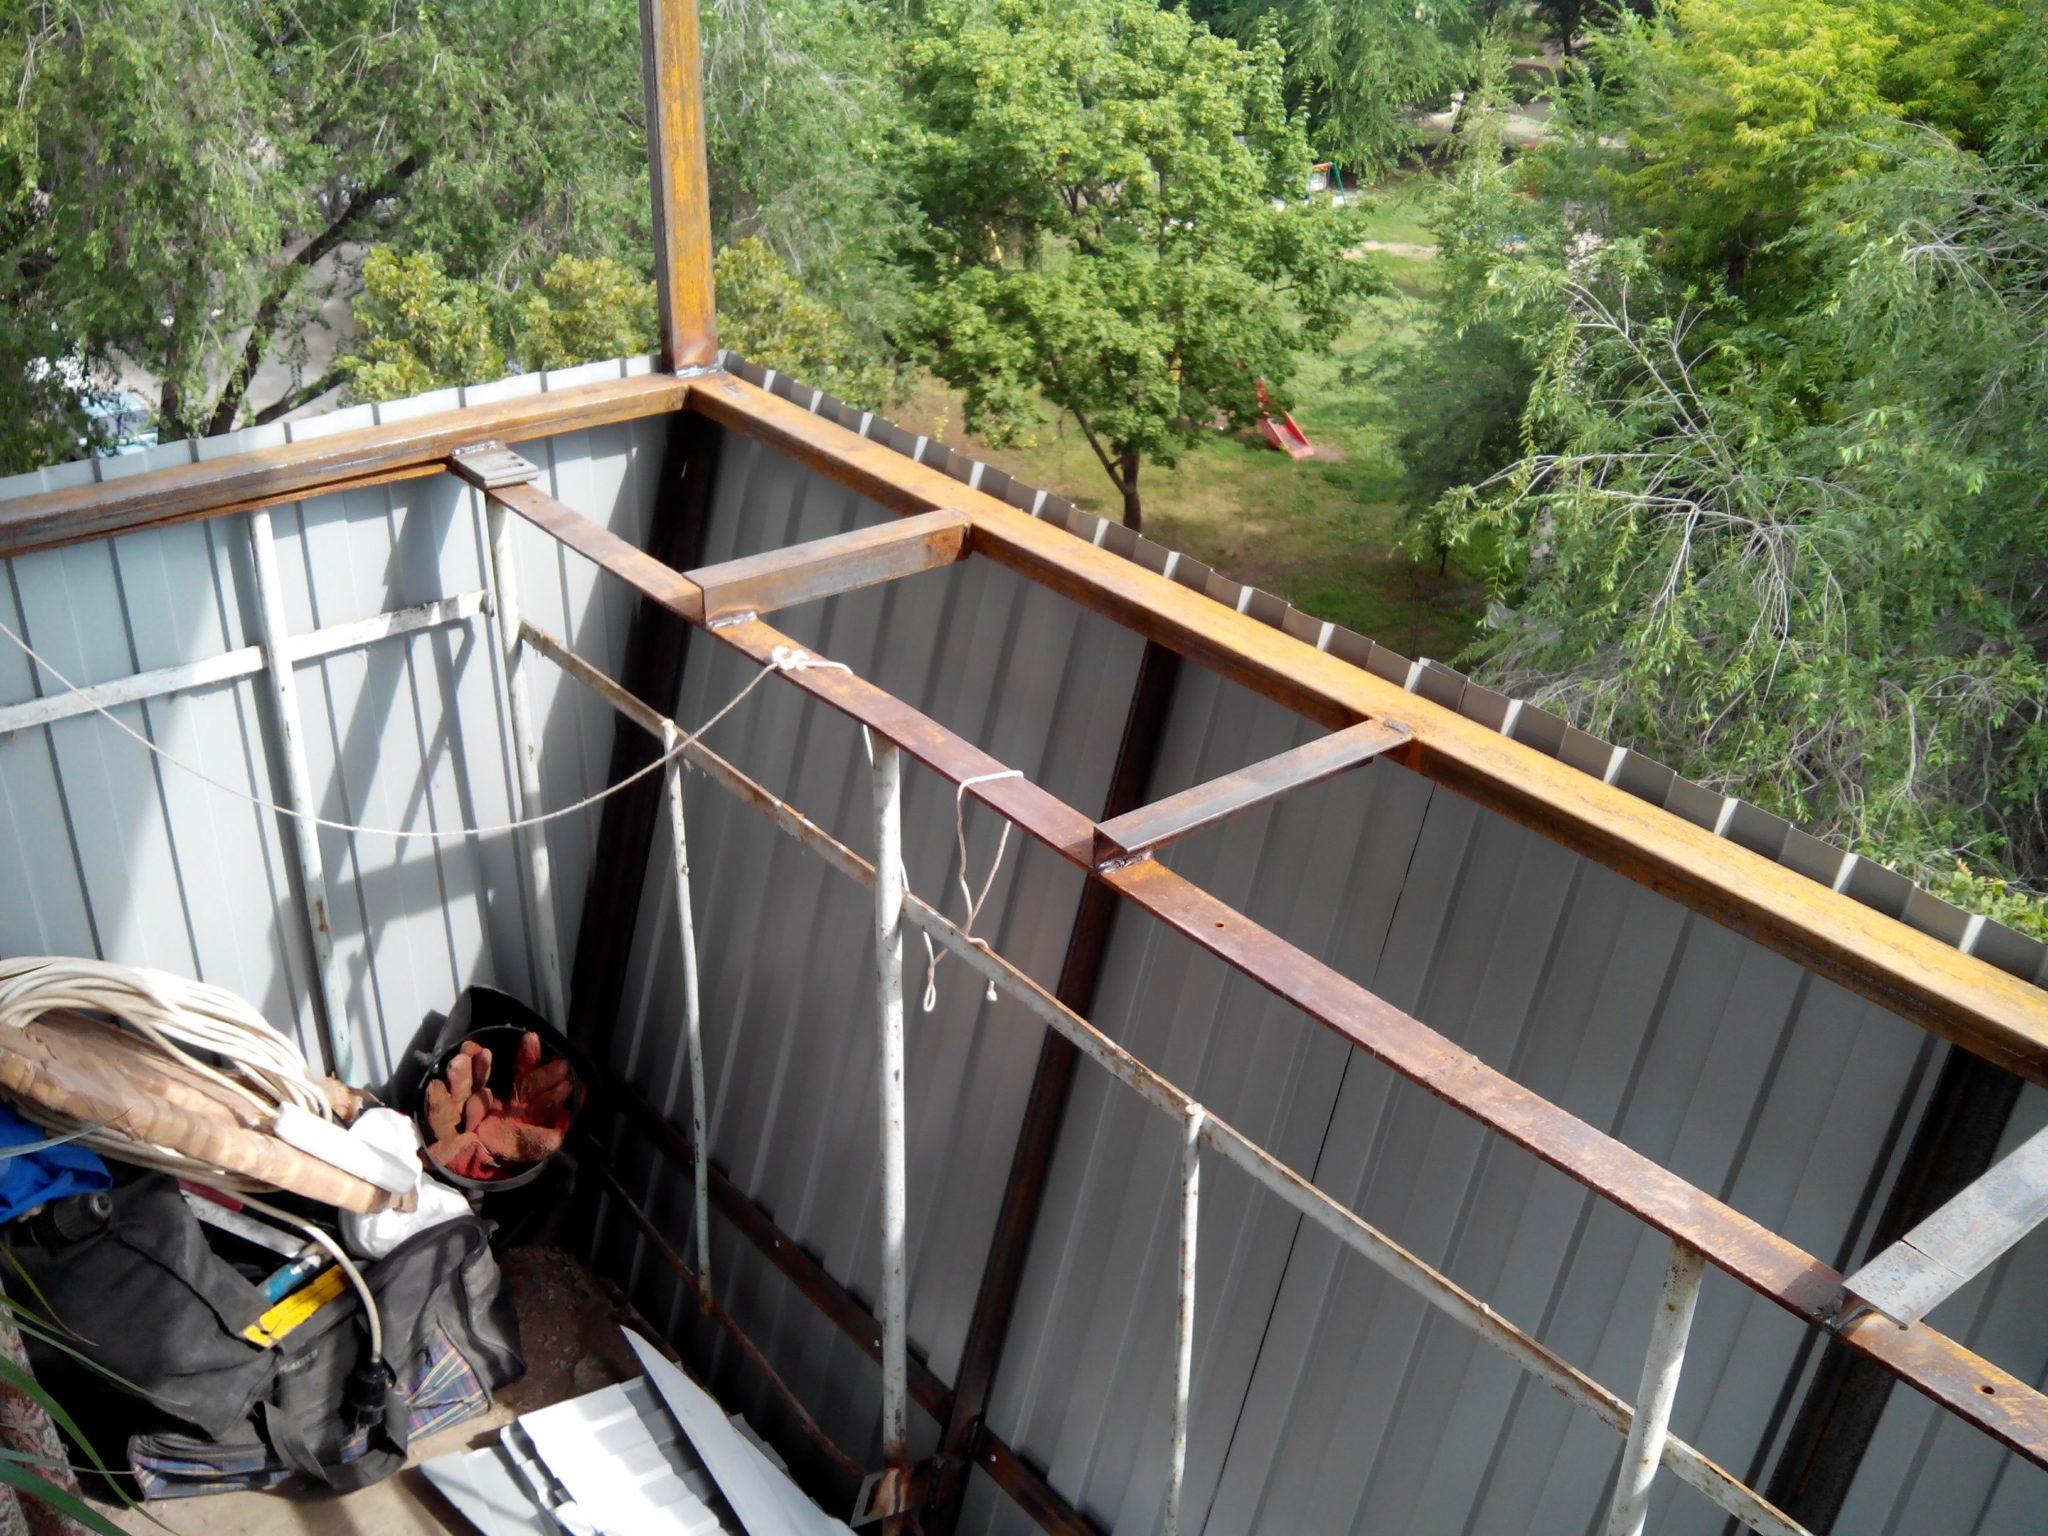 Остекление балконов в хрущевке: виды, инструкция как сделать.